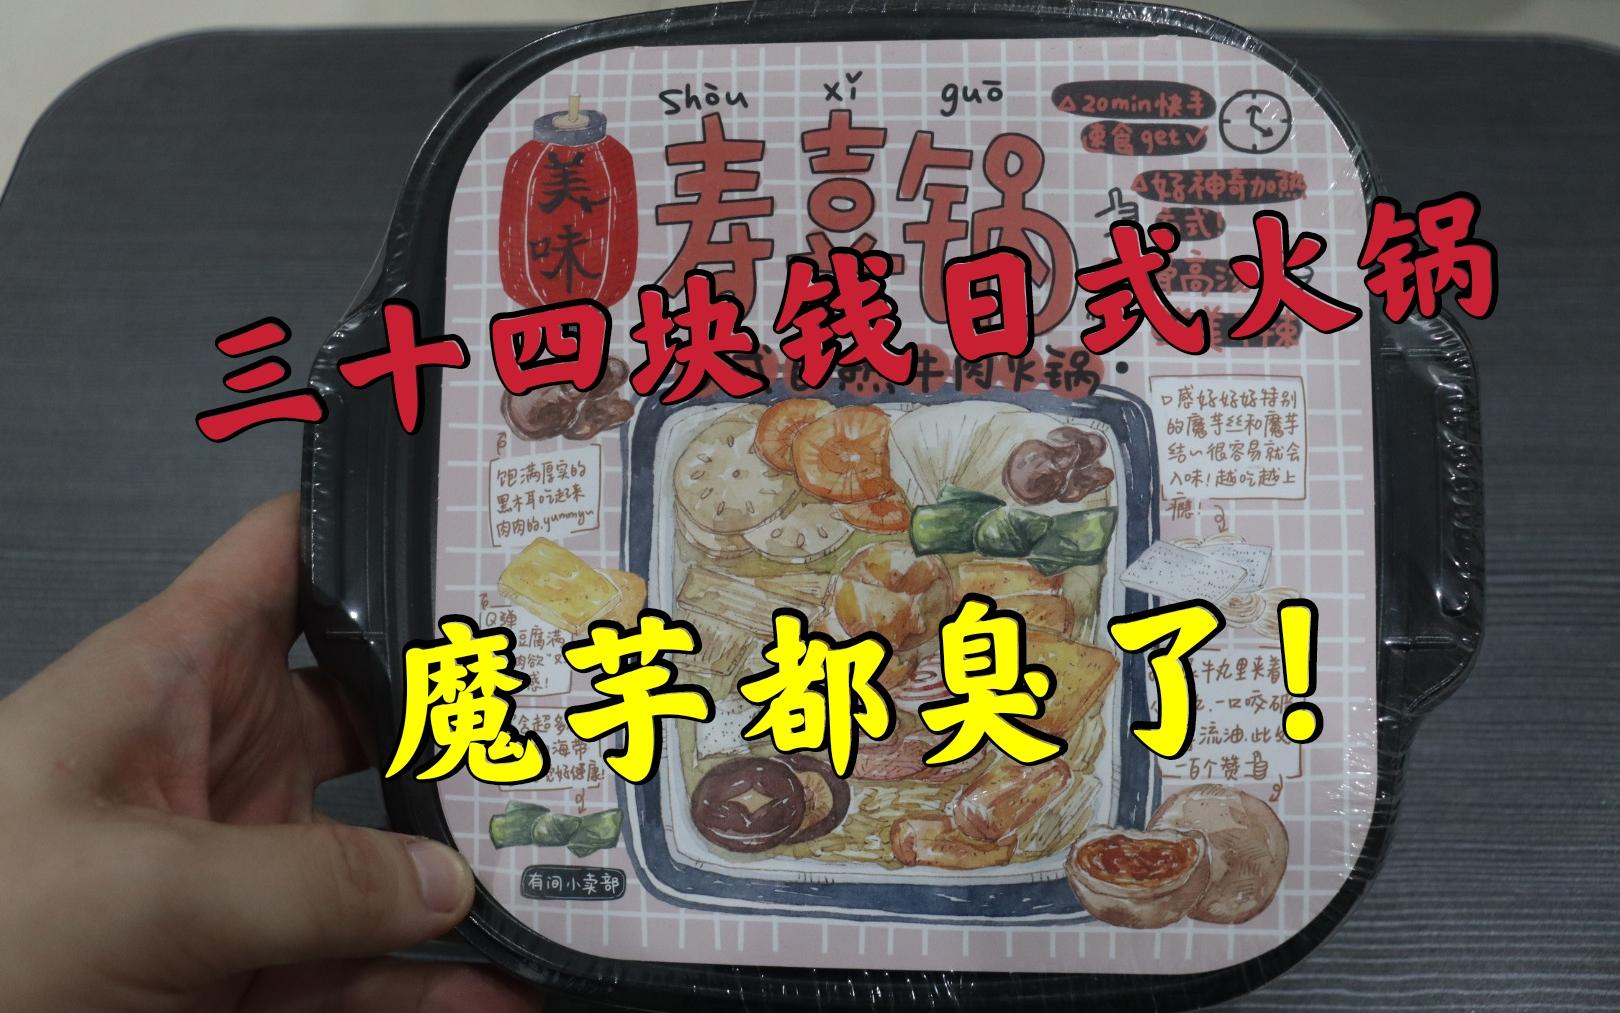 测评有间小卖部的自热寿喜锅,日式火锅跟牛油火锅还是没啥可比性